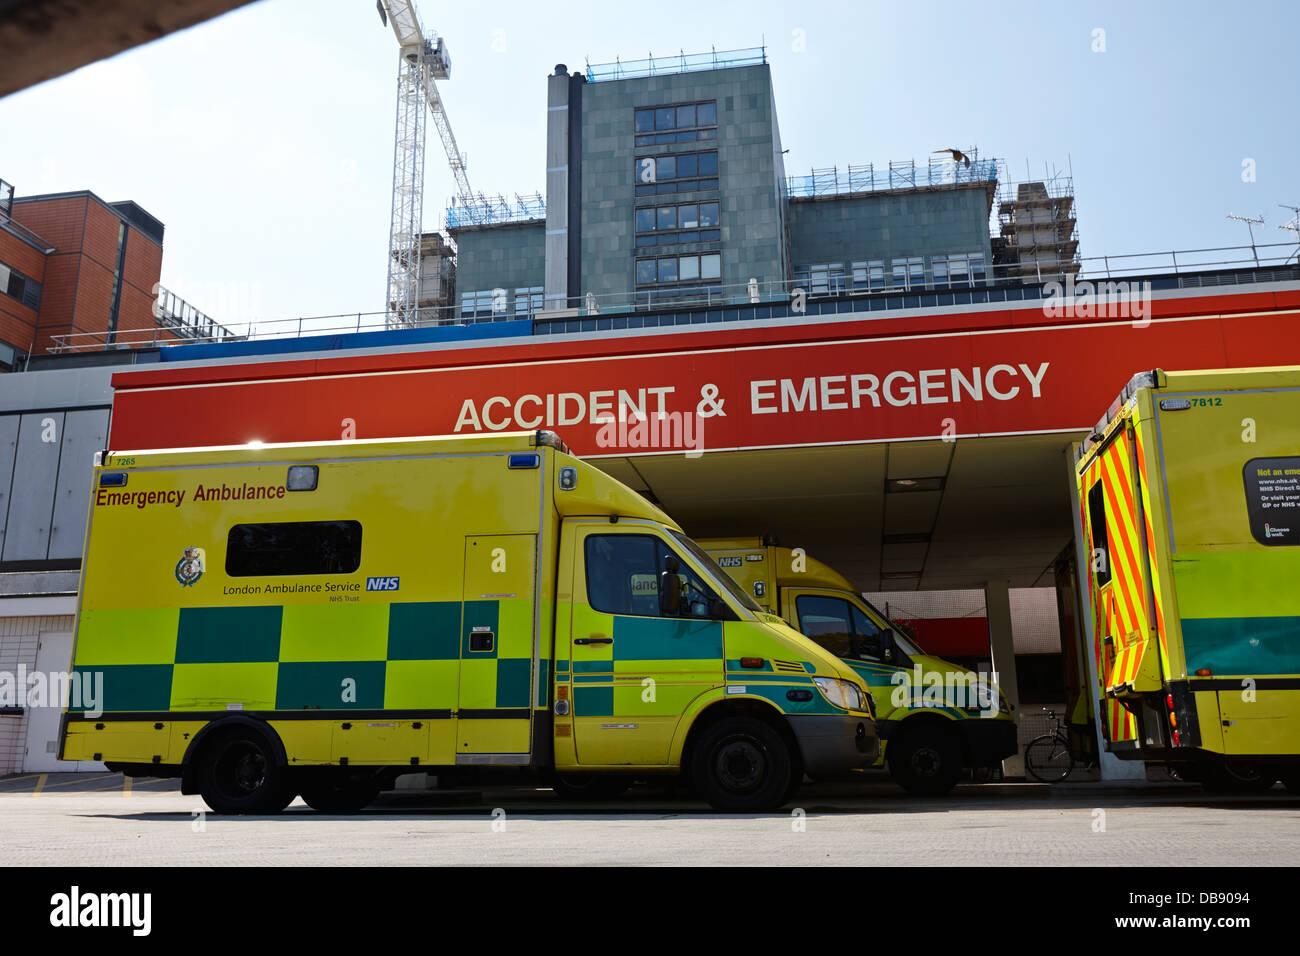 hospital accident and emergency entrance with ambulances London England UK - Stock Image